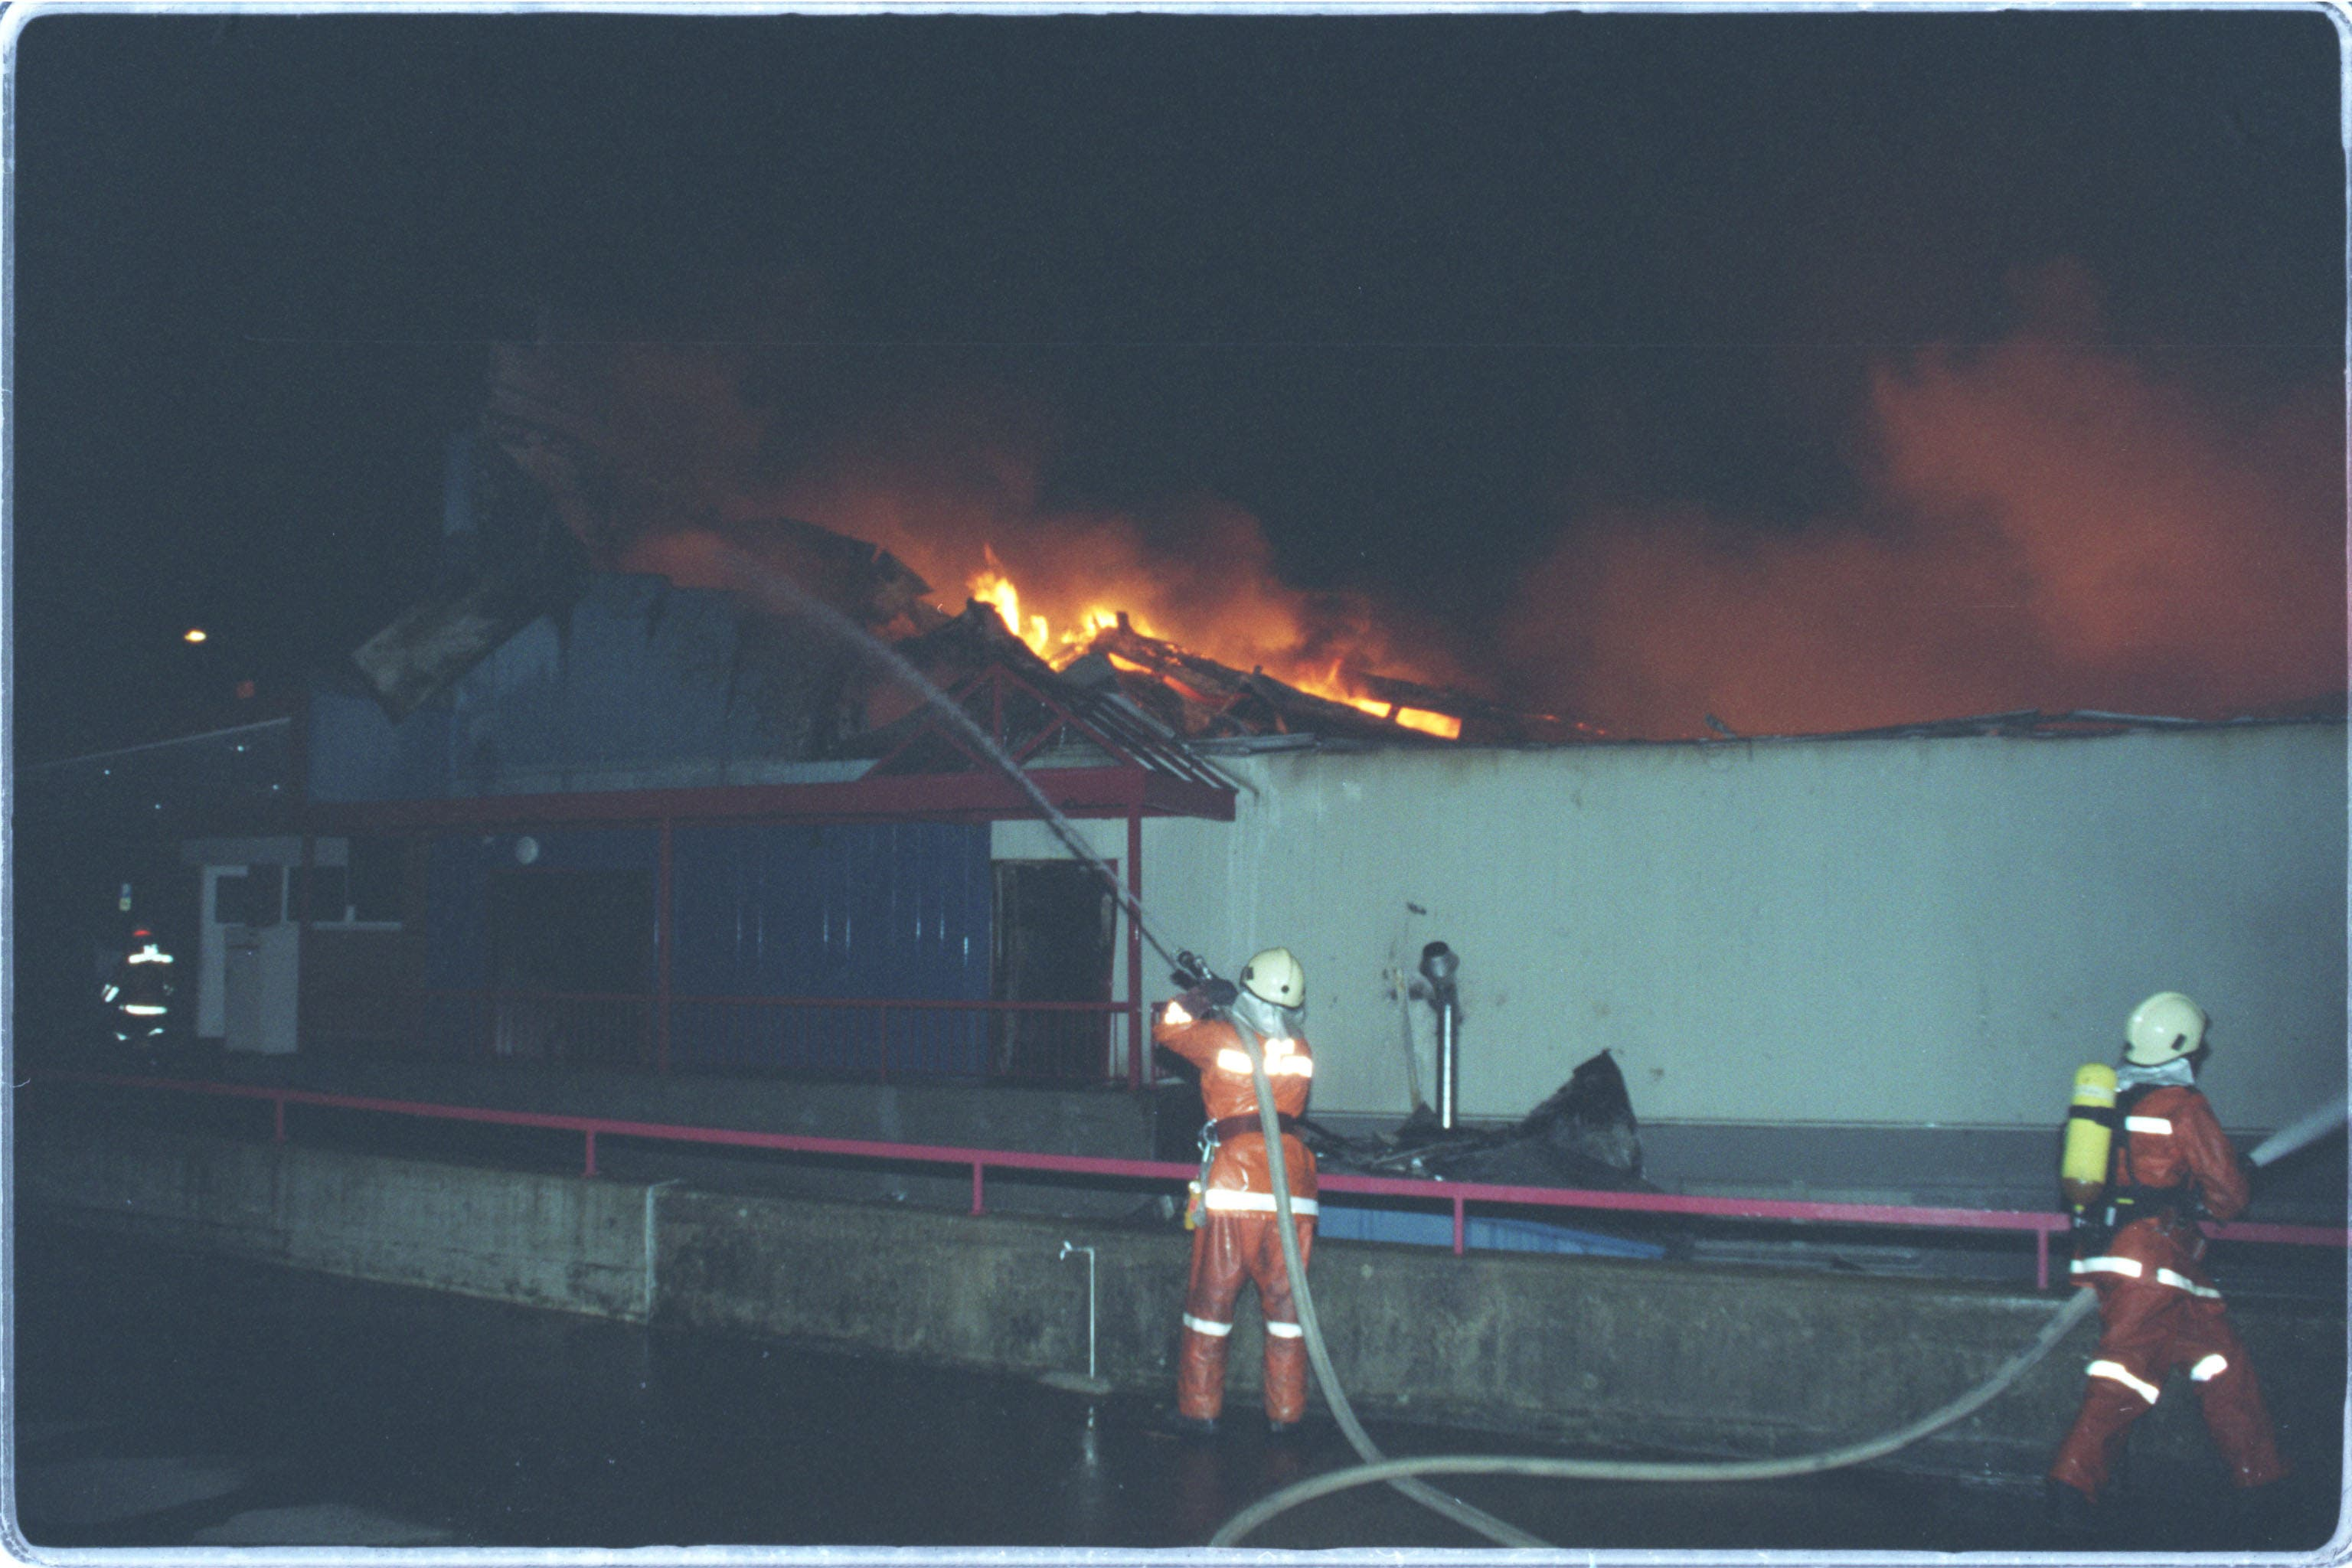 Die Brandursache war rasch klar - das Feuer wurde absichtlich gelegt. Doch von wem, das ist auch 20 Jahre danach noch immer unklar.